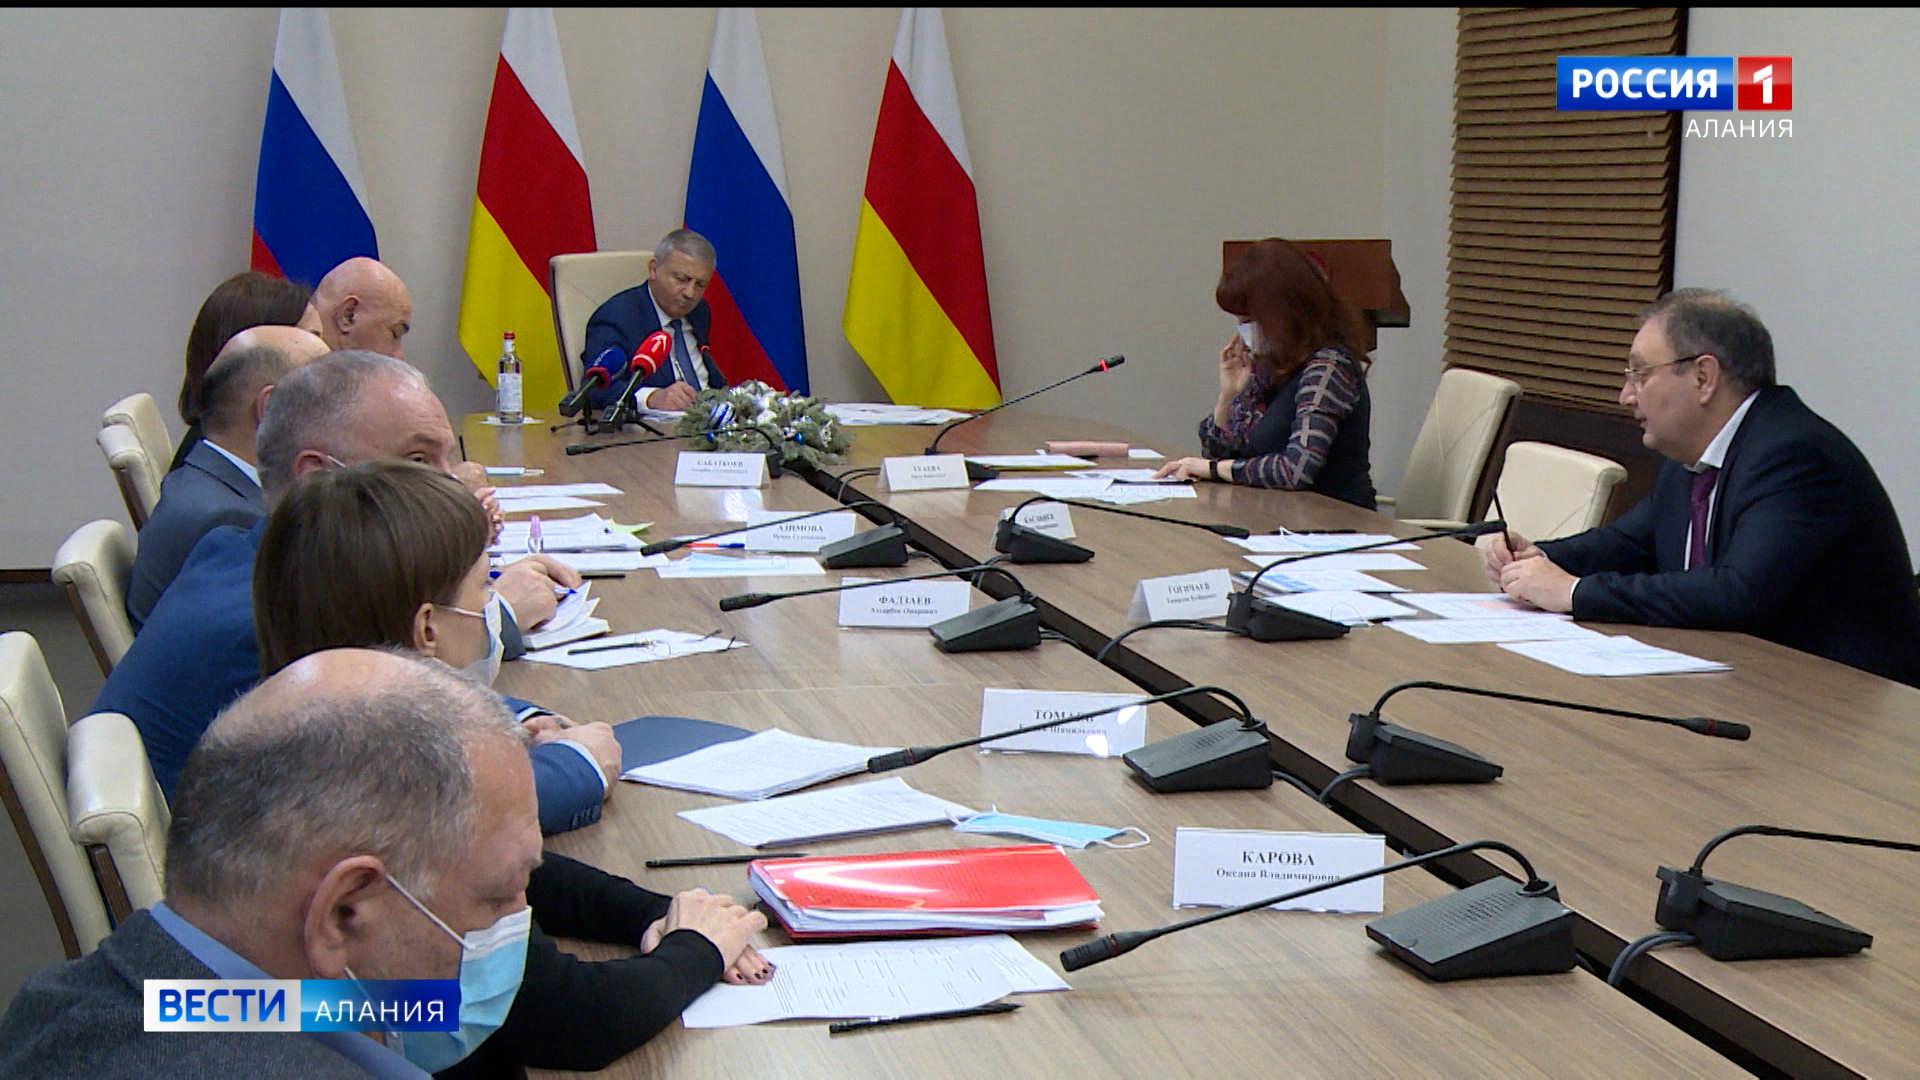 Развитие системы здравоохранения Северной Осетии обсудили на заседании Проектного офиса